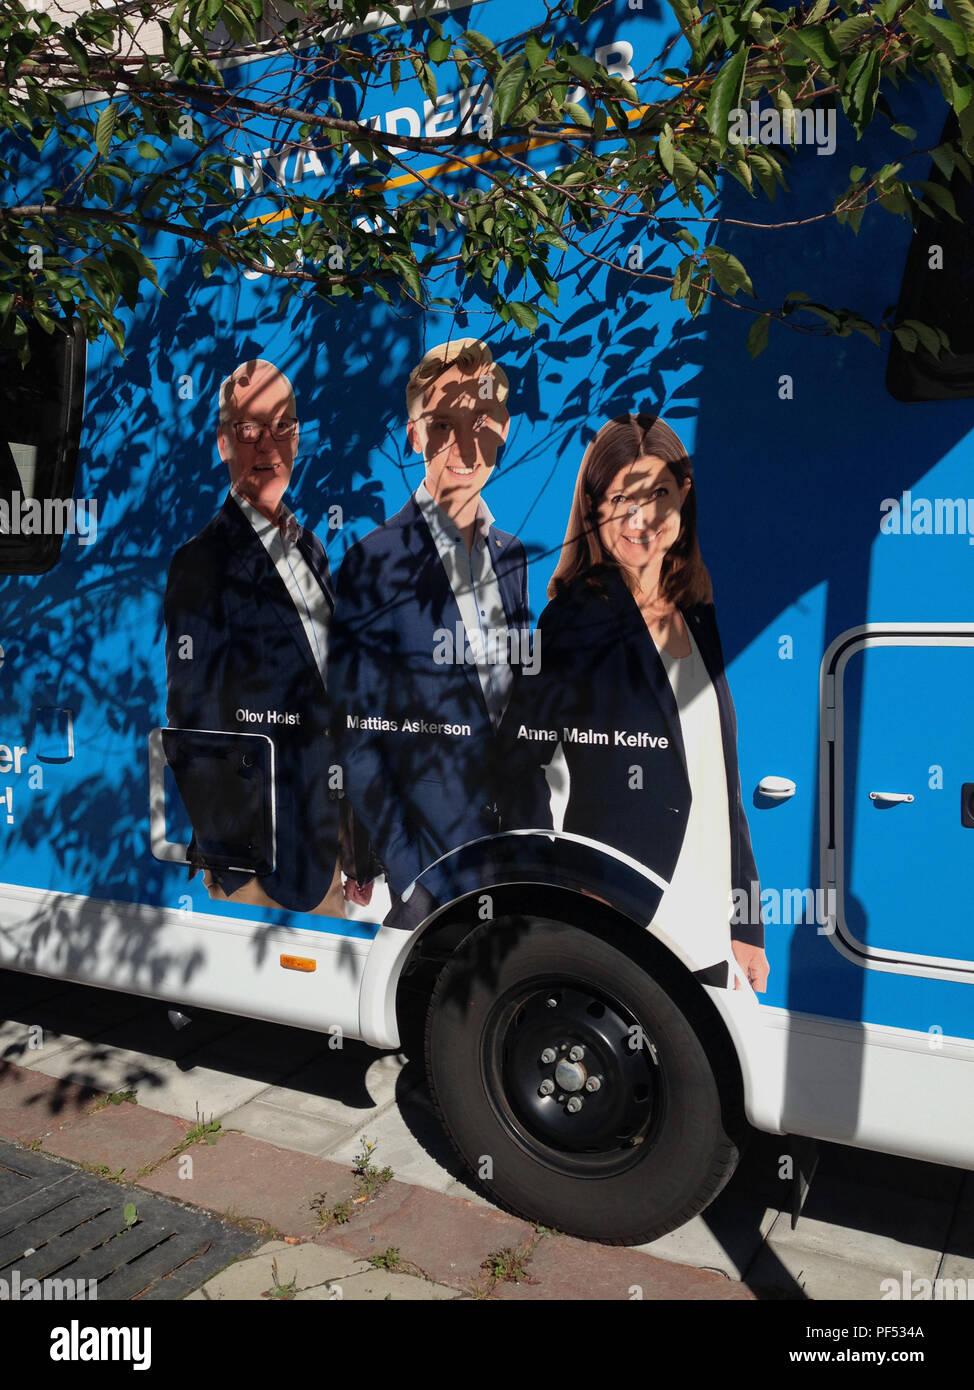 Pre-campagna elettorale con ritratti del partito moderato svedese (M - Modernaterna) candidati, su un veicolo parcheggiato a fianco di un albero, colata le sue foglie ombre su grafica. Märsta, Sigtuna kommun, Stoccolma, Svezia. Immagini Stock